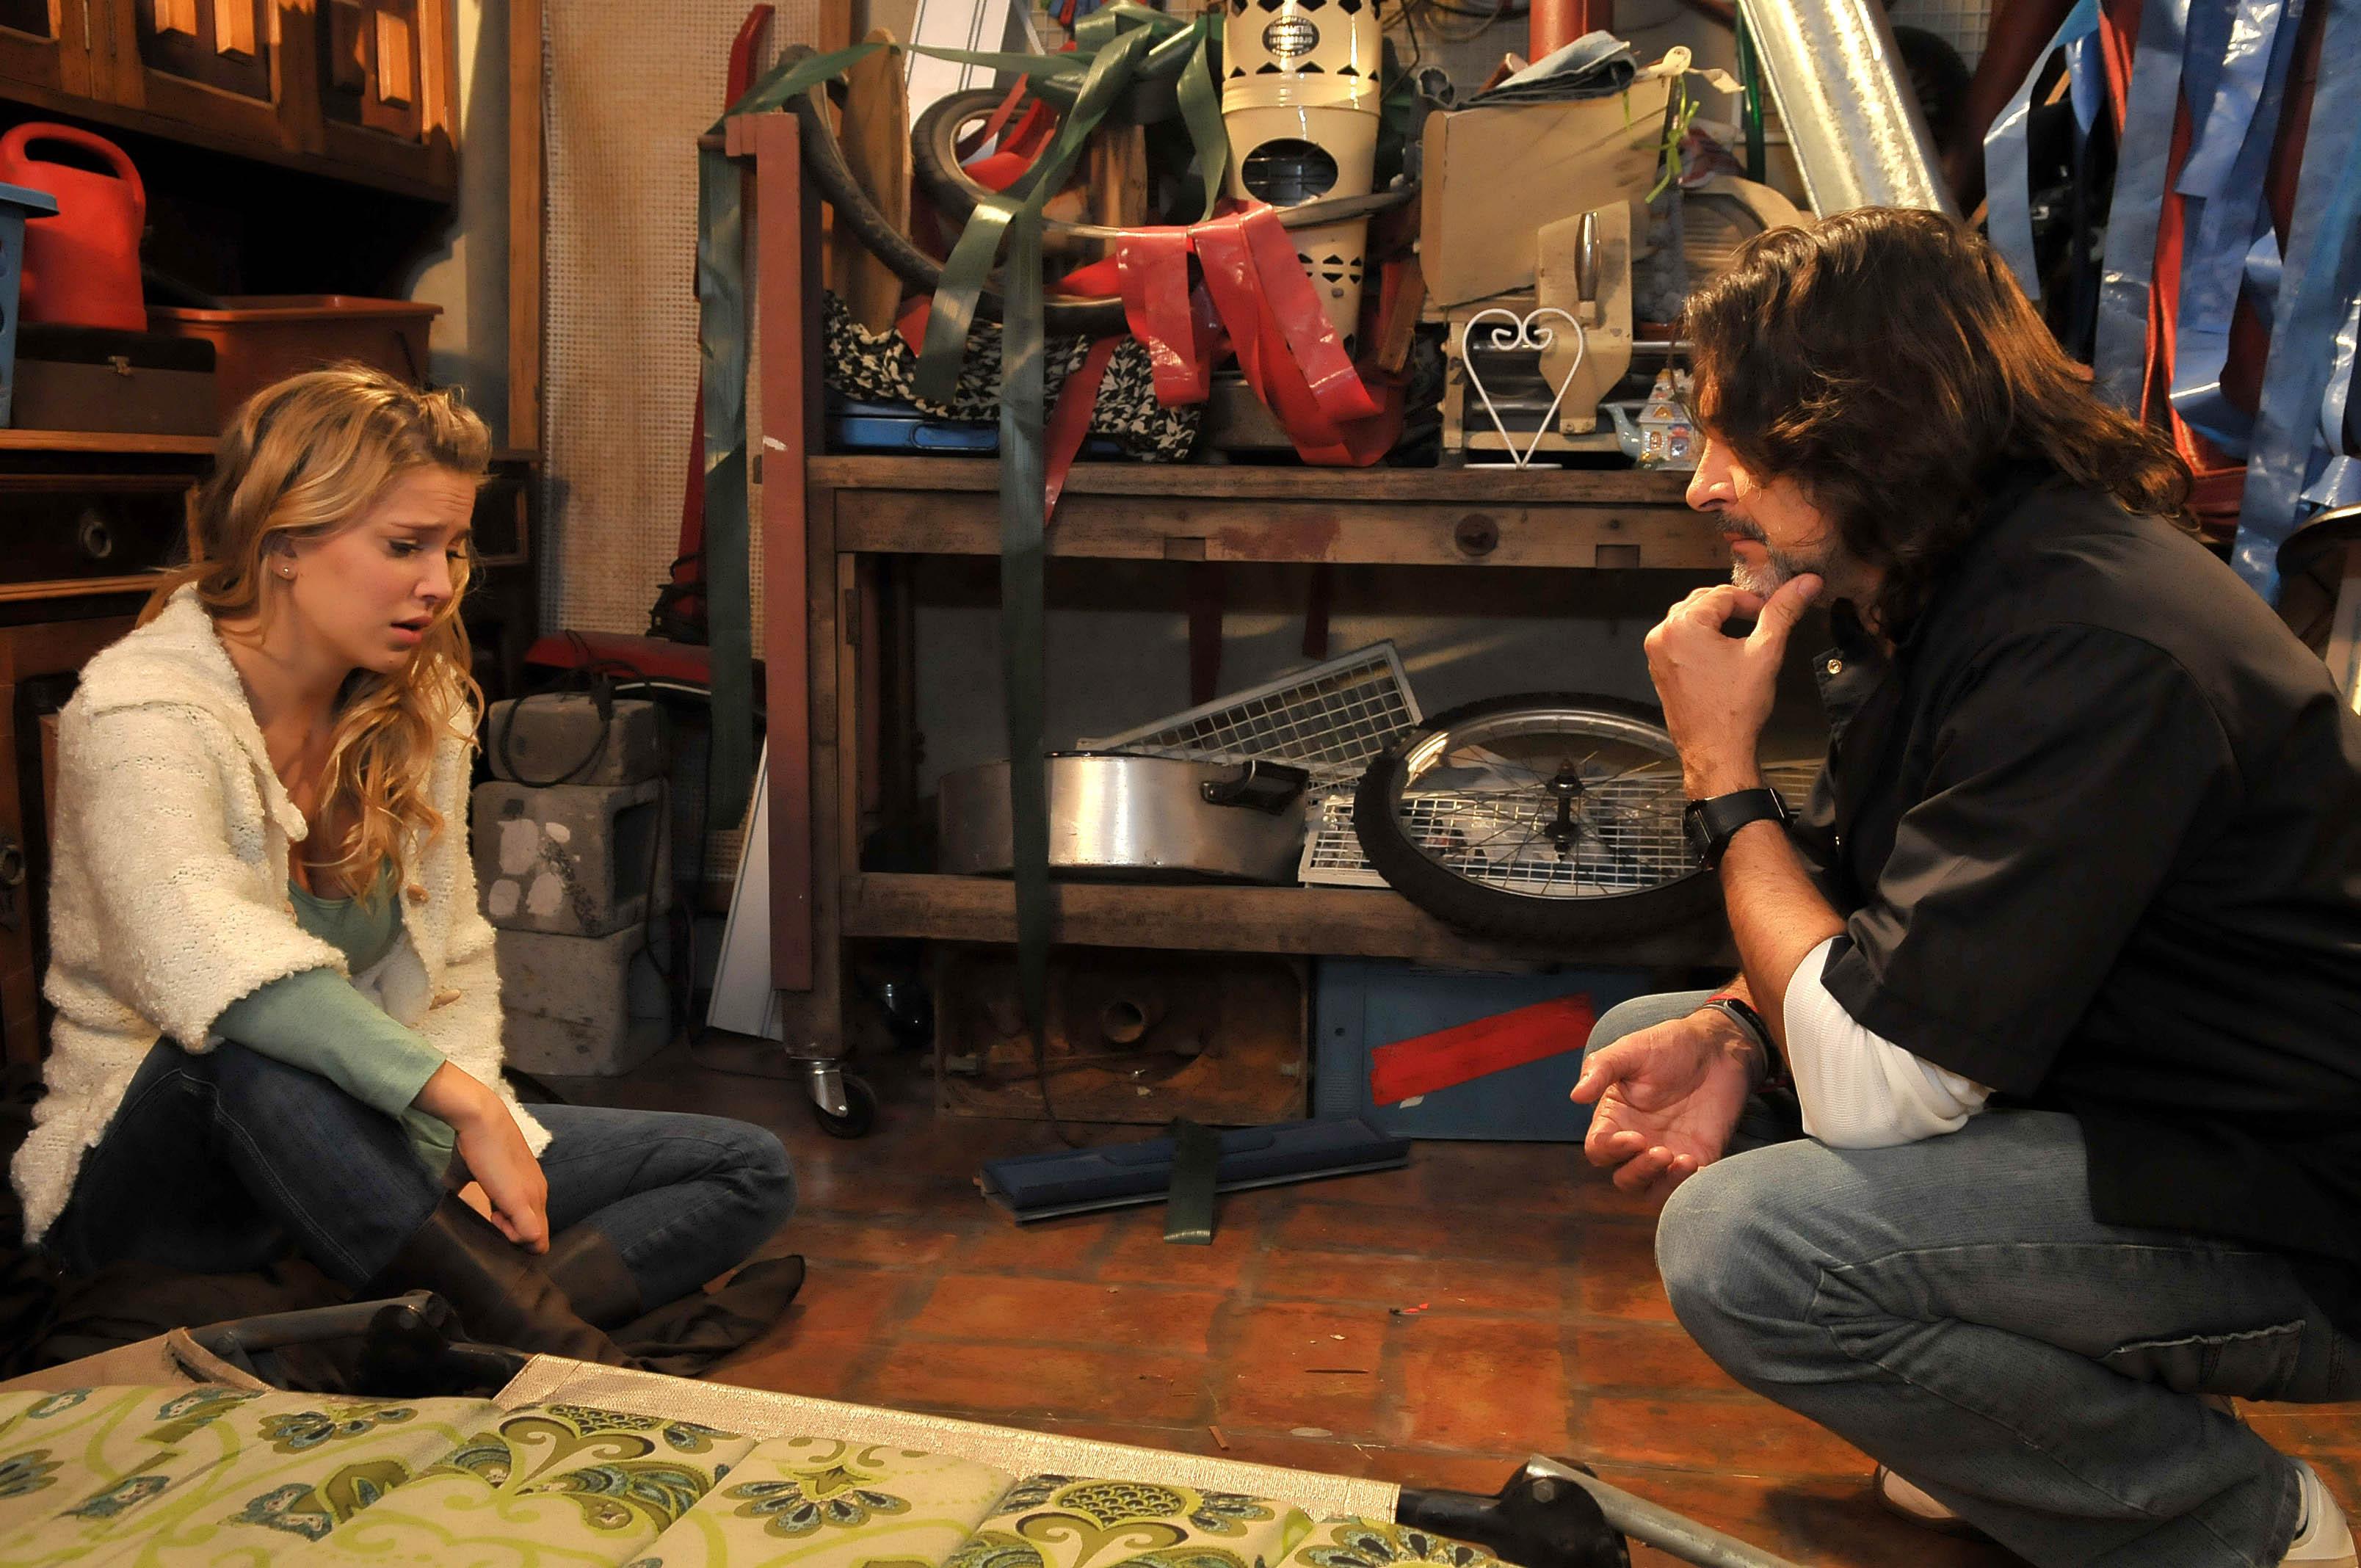 Fotos y capturas AQMQ Biancaseconfiesa3